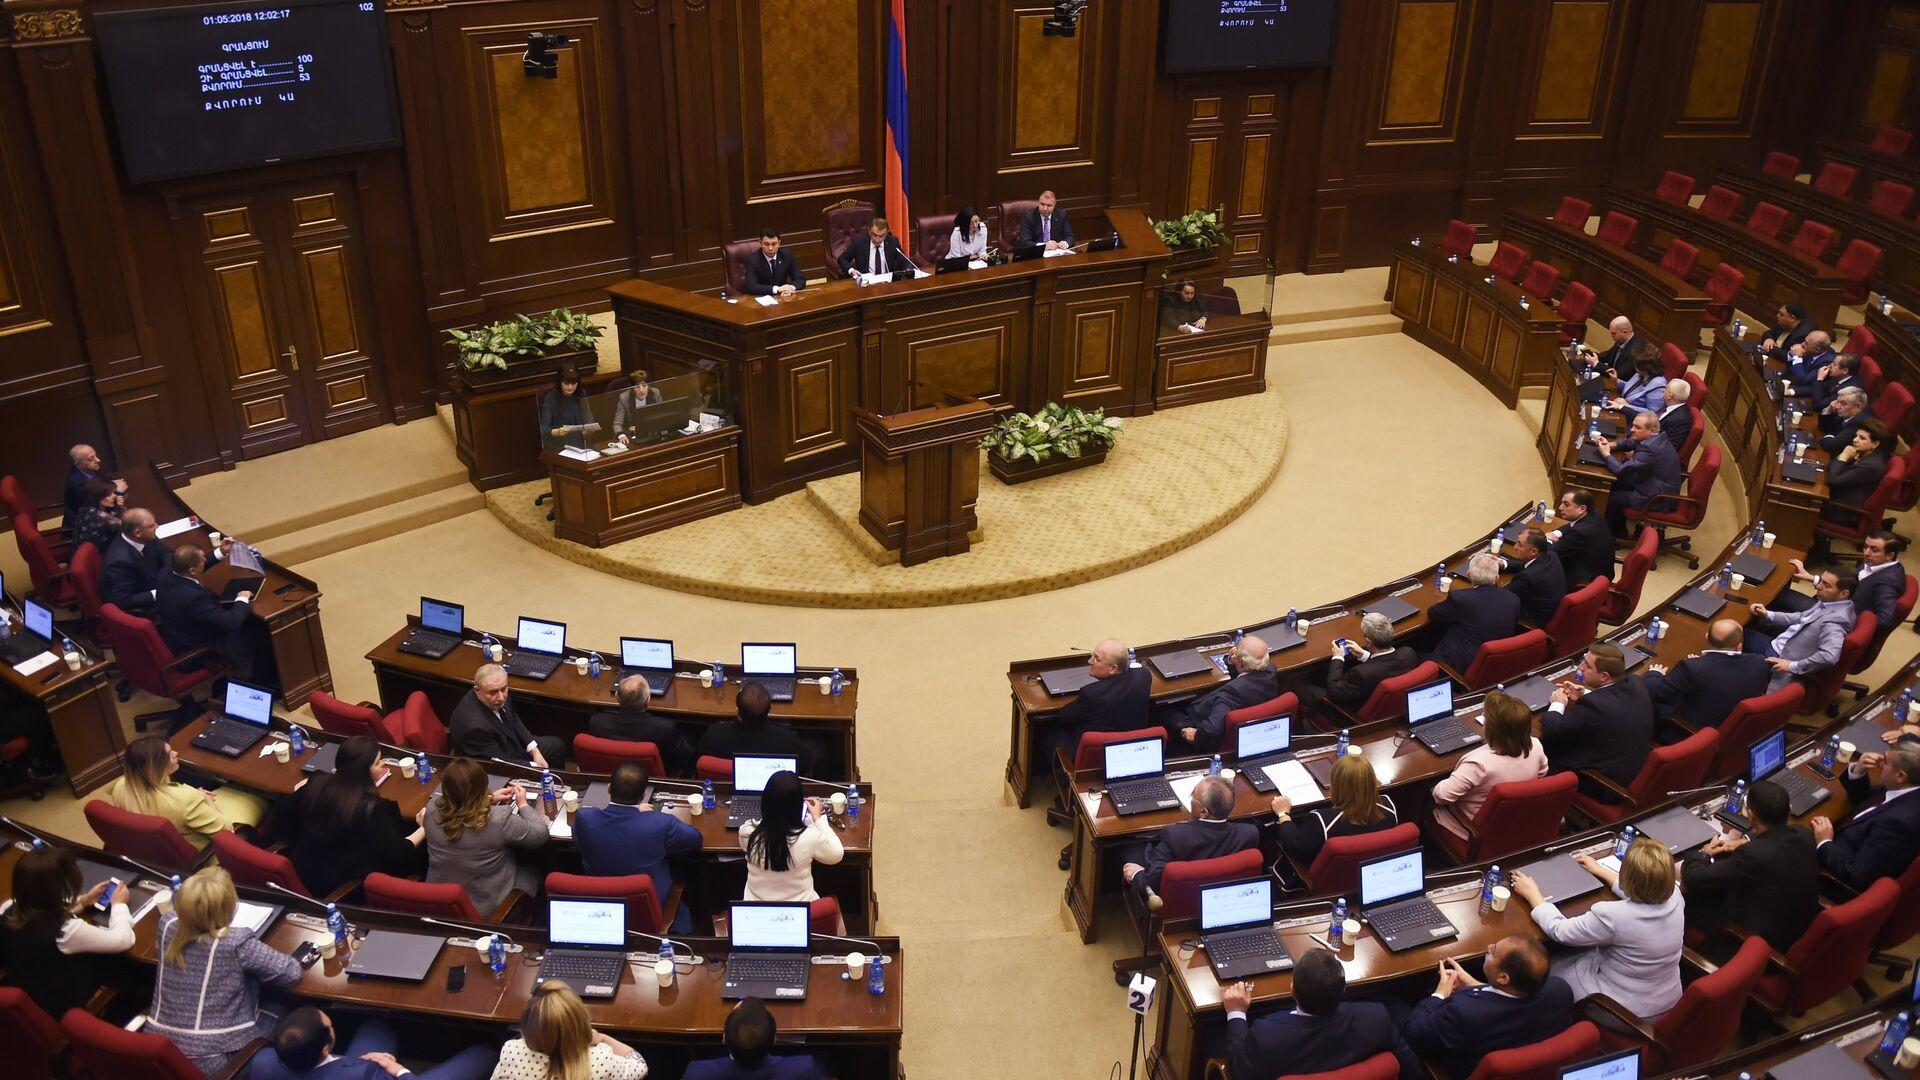 Внеочередное заседание по выборам нового премьер-министра в парламенте Армении. 1 мая 2018 - РИА Новости, 1920, 07.05.2021